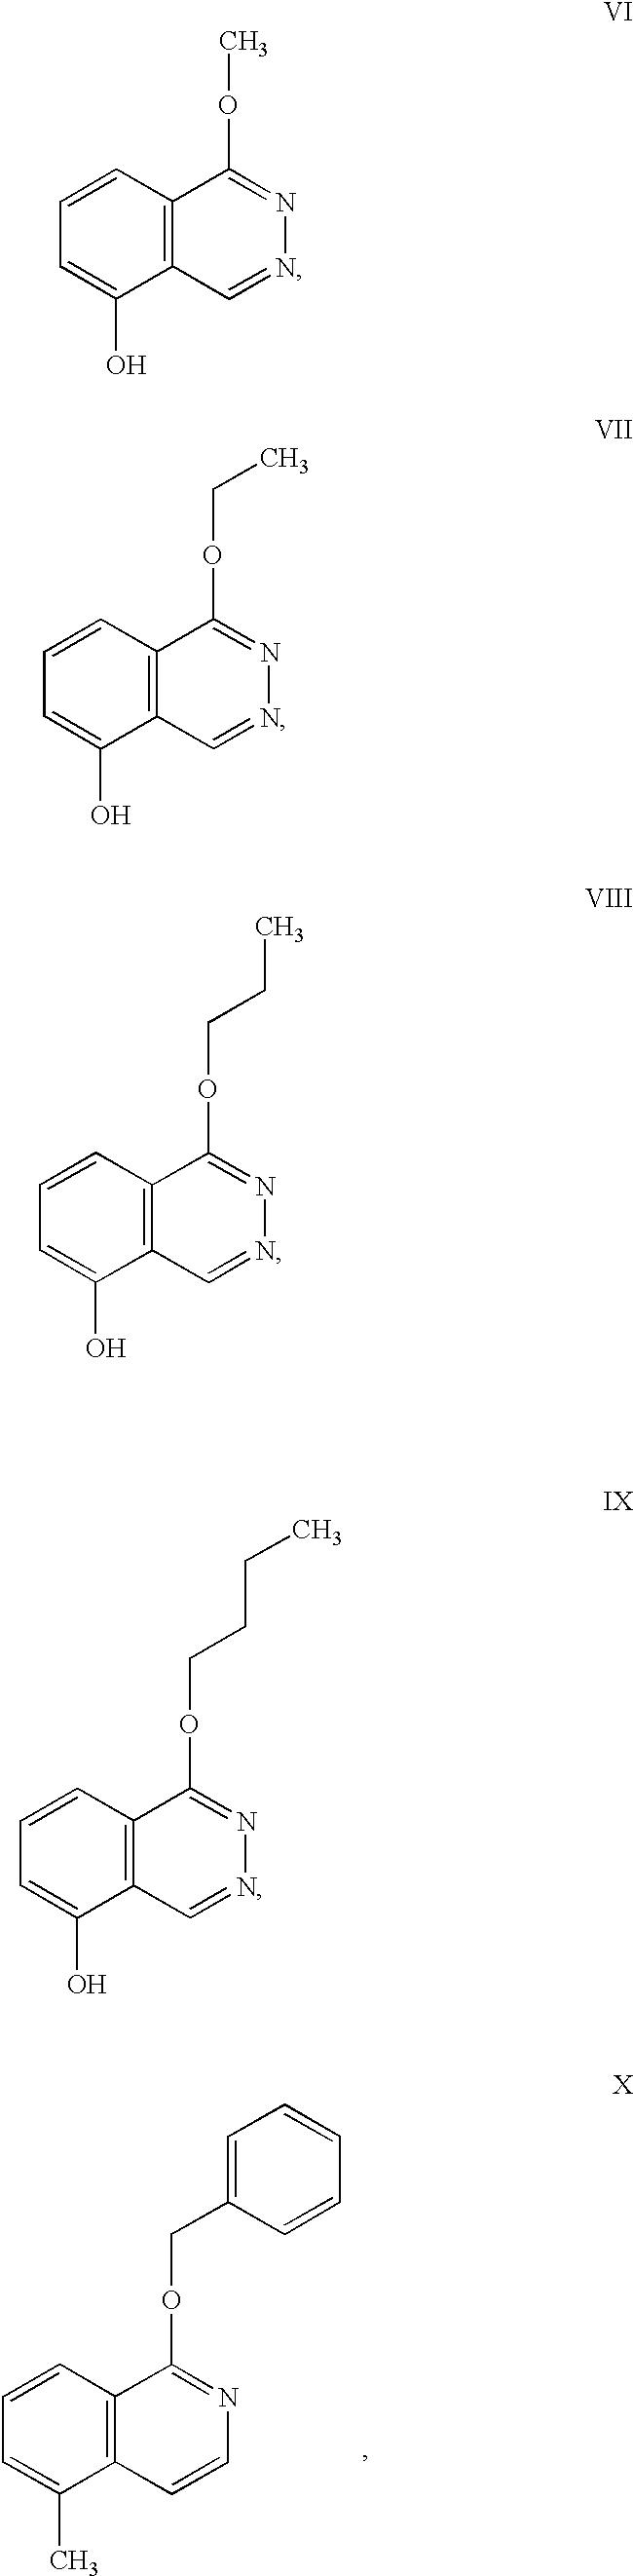 Figure US06426415-20020730-C00019